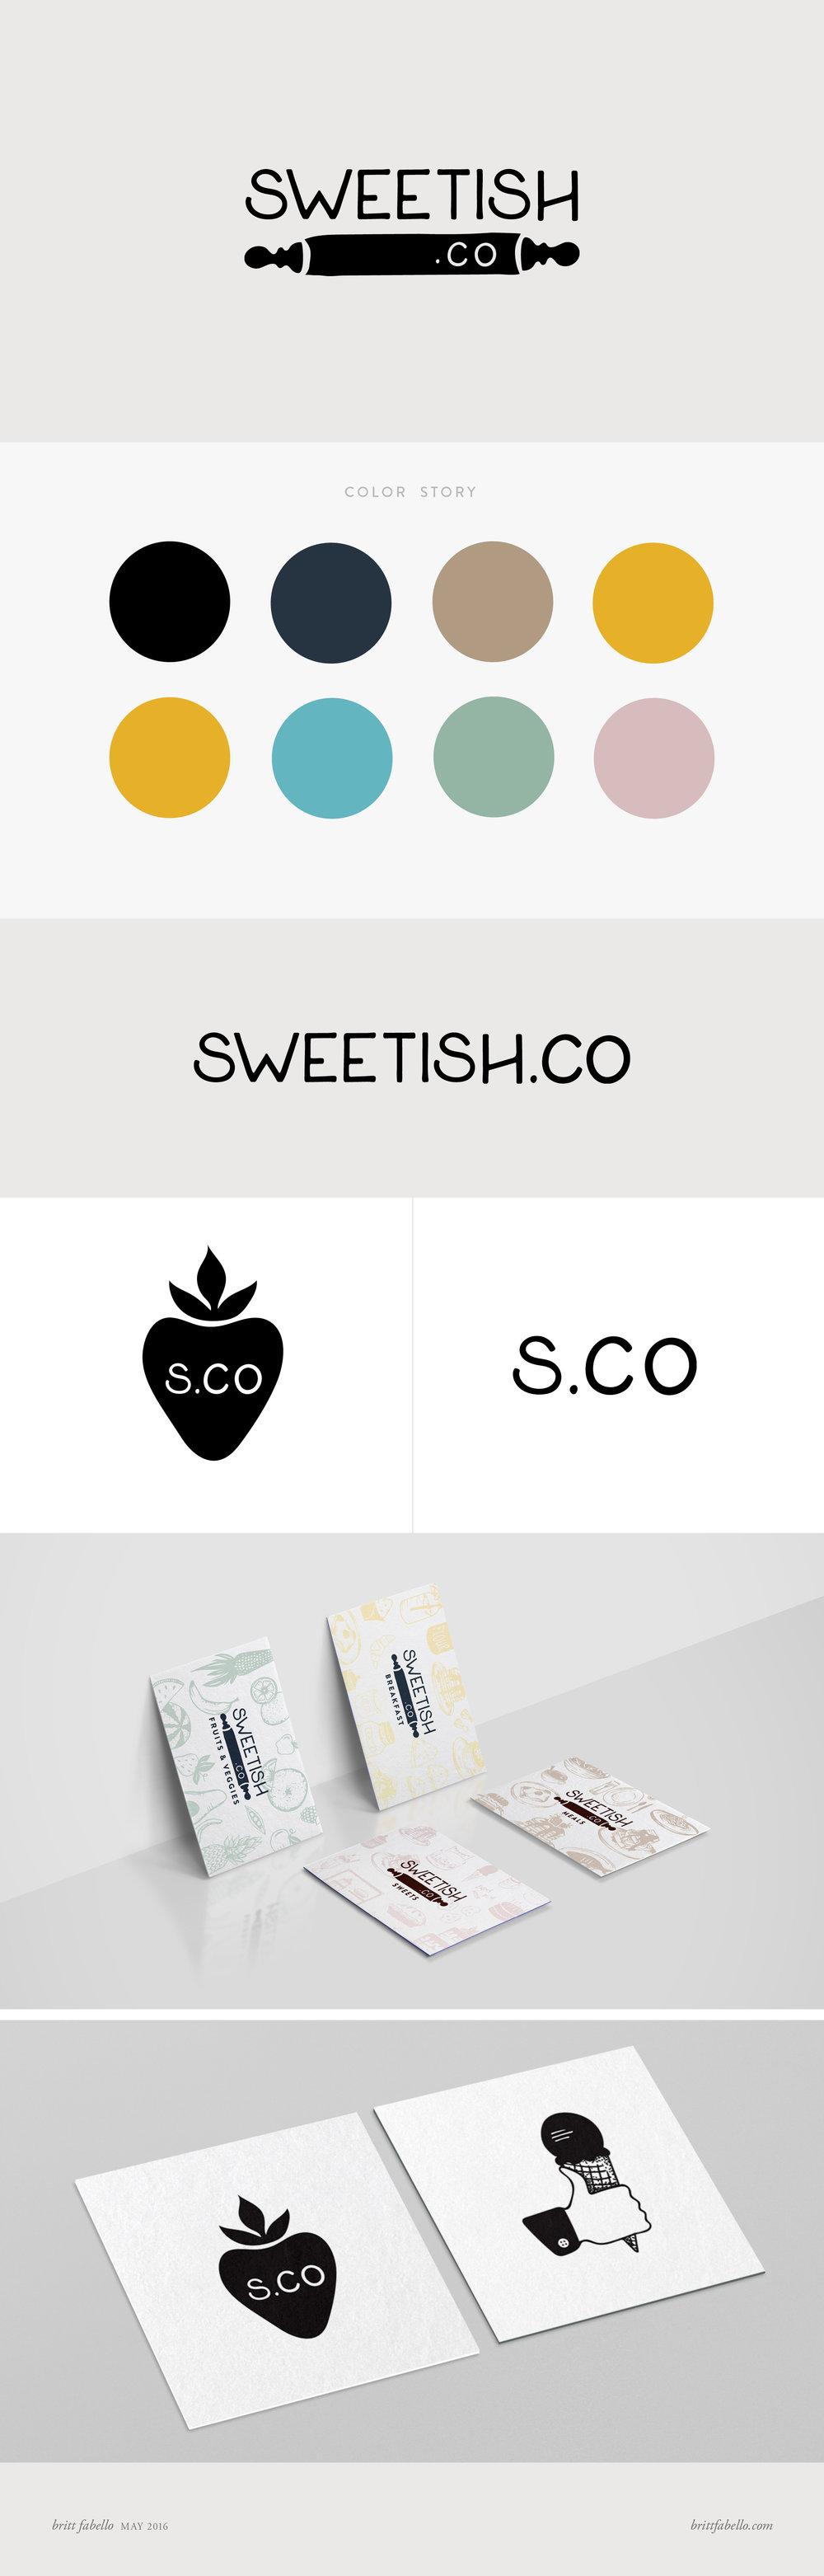 Design: Logo & Branding for Sweetish.Co | Britt Fabello